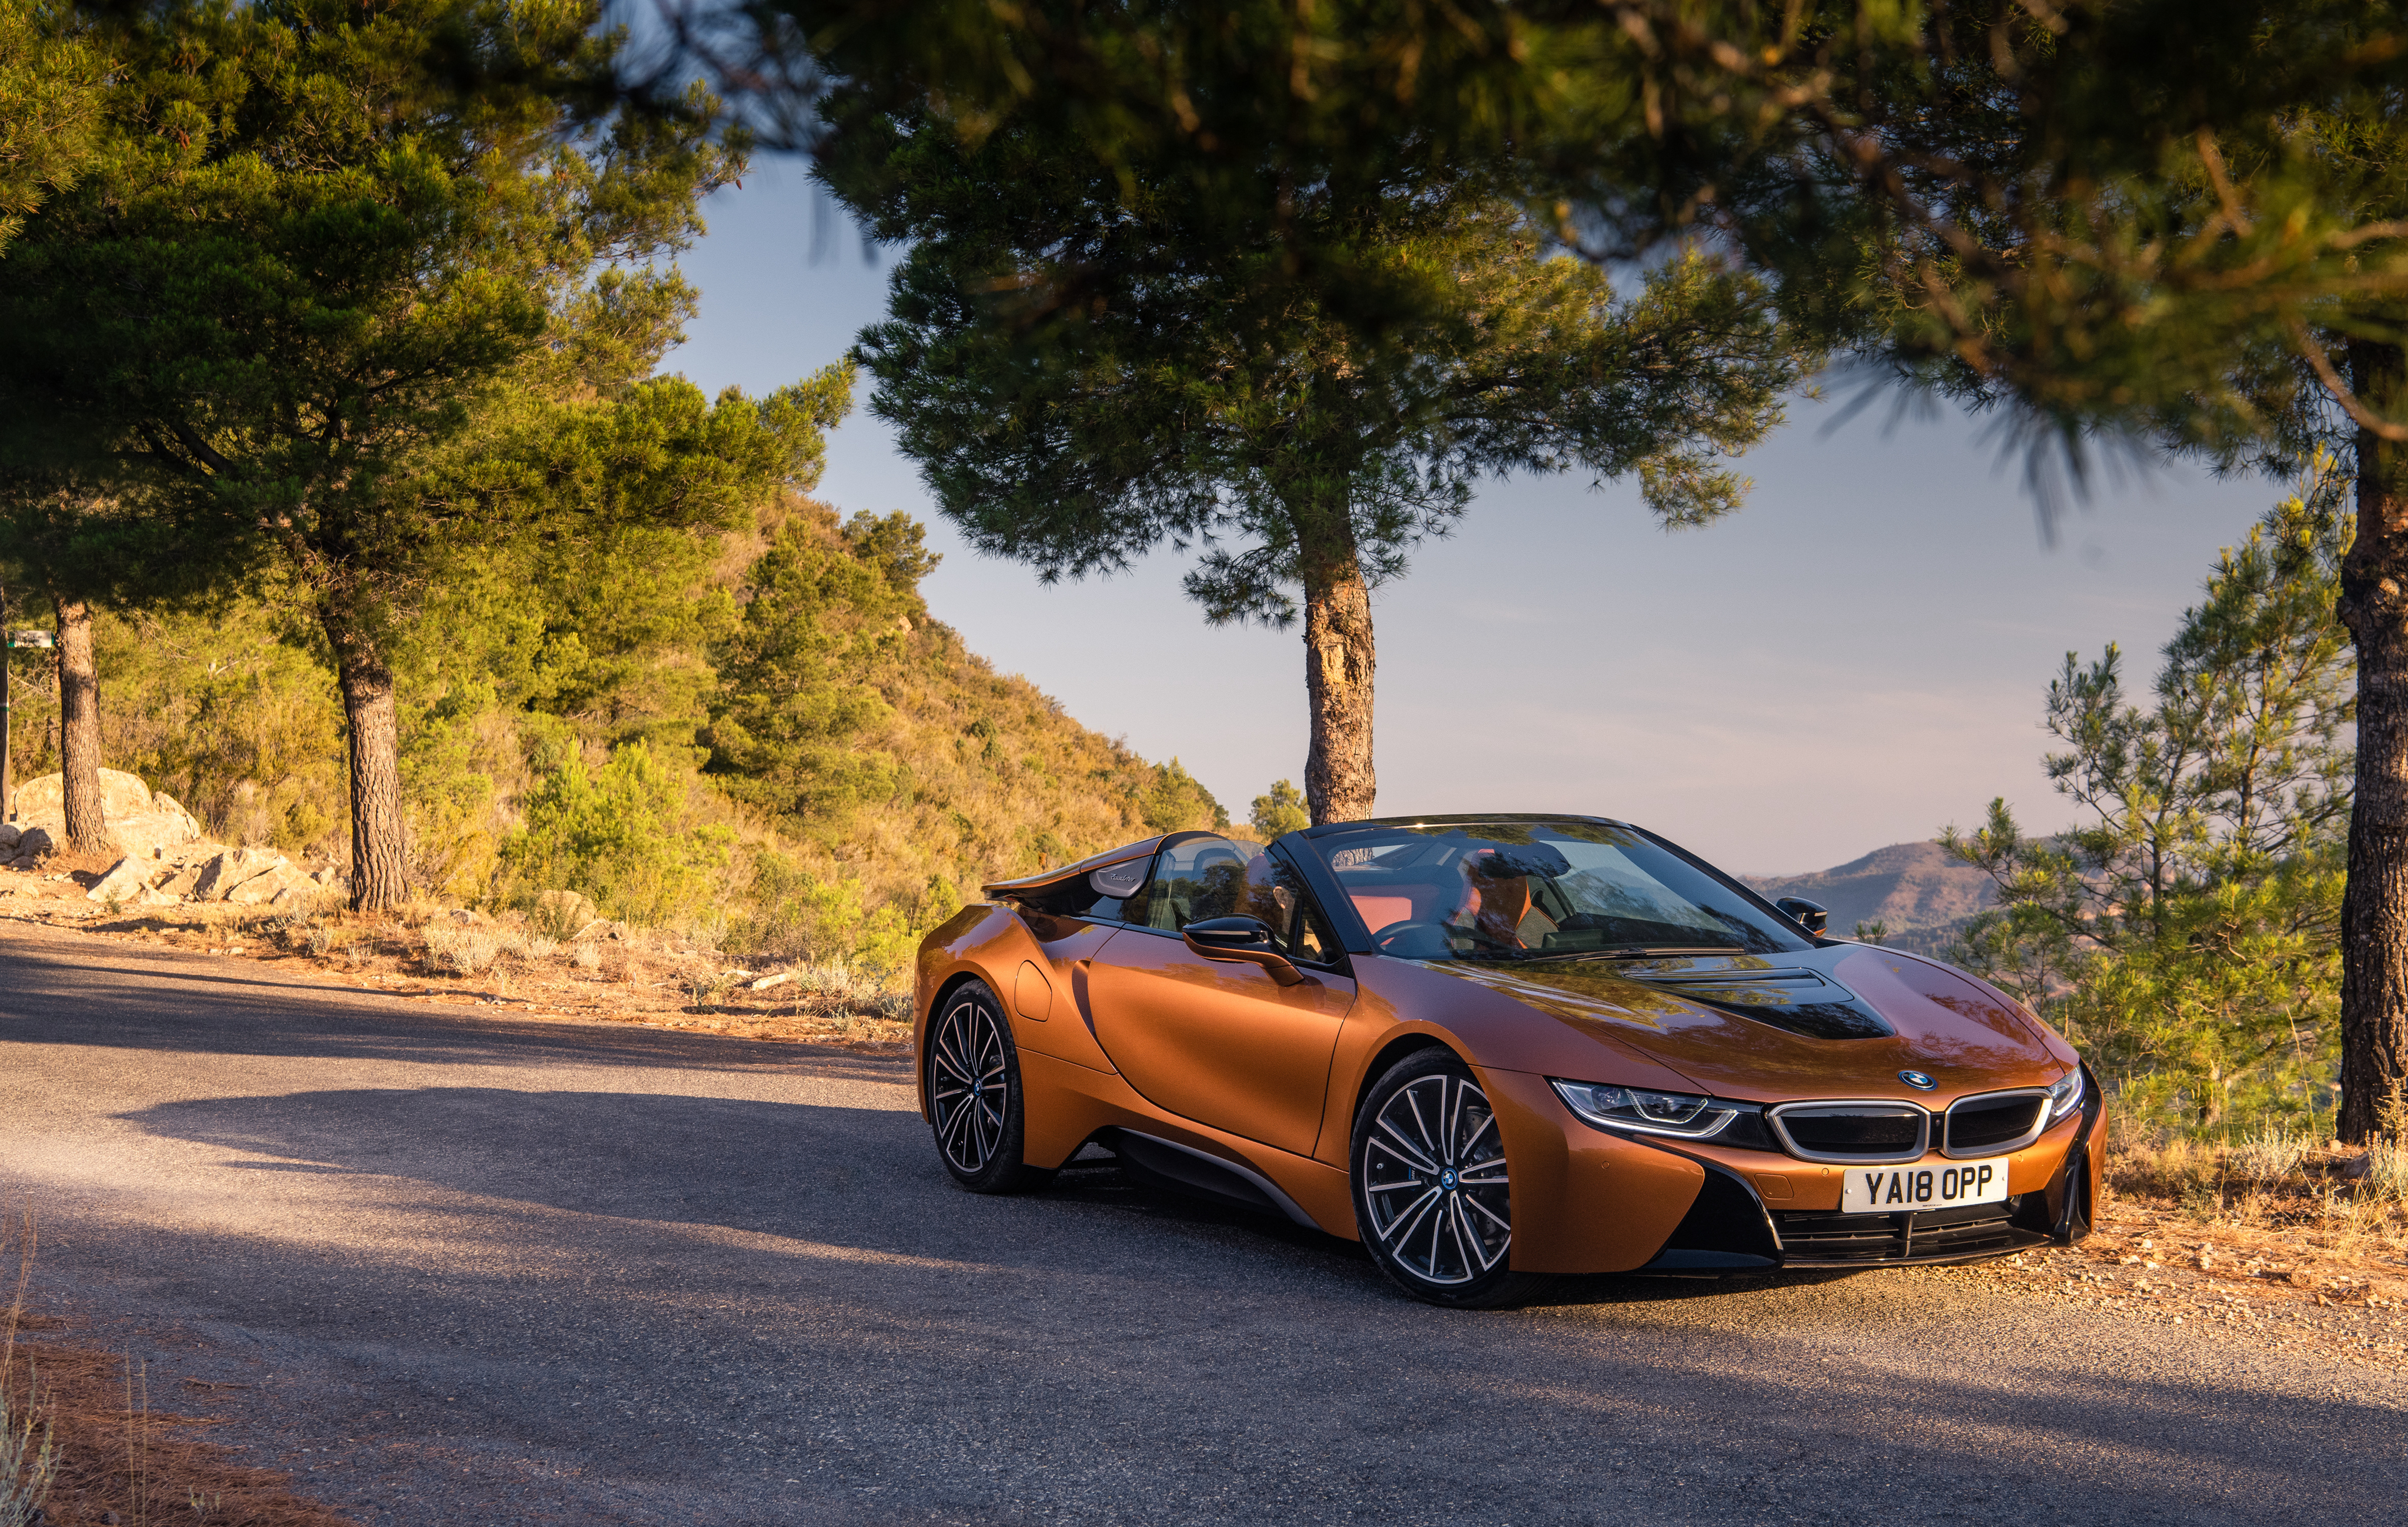 Обои для рабочего стола БМВ 2018 i8 Родстер оранжевых машины BMW Оранжевый оранжевые оранжевая авто машина автомобиль Автомобили